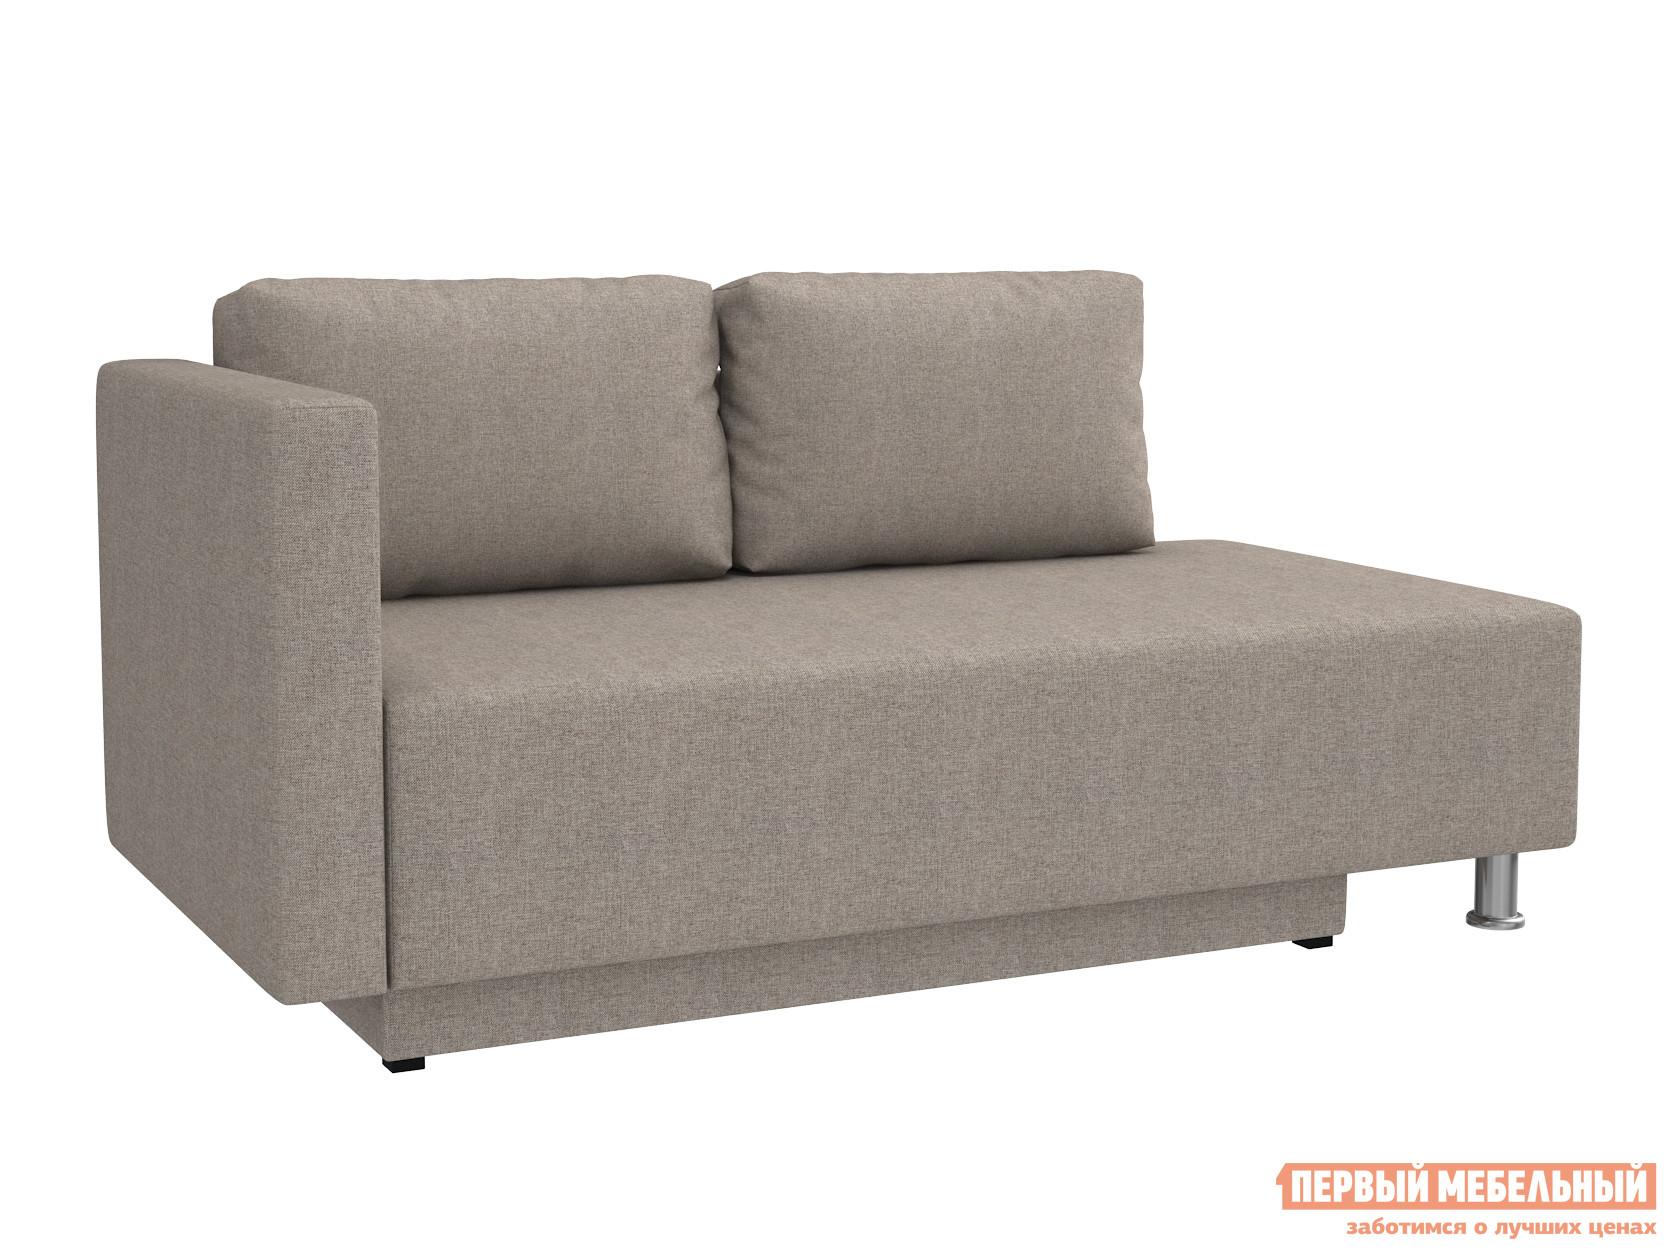 Прямой диван  Мэдисон Серо-бежевый, рогожка, Левый